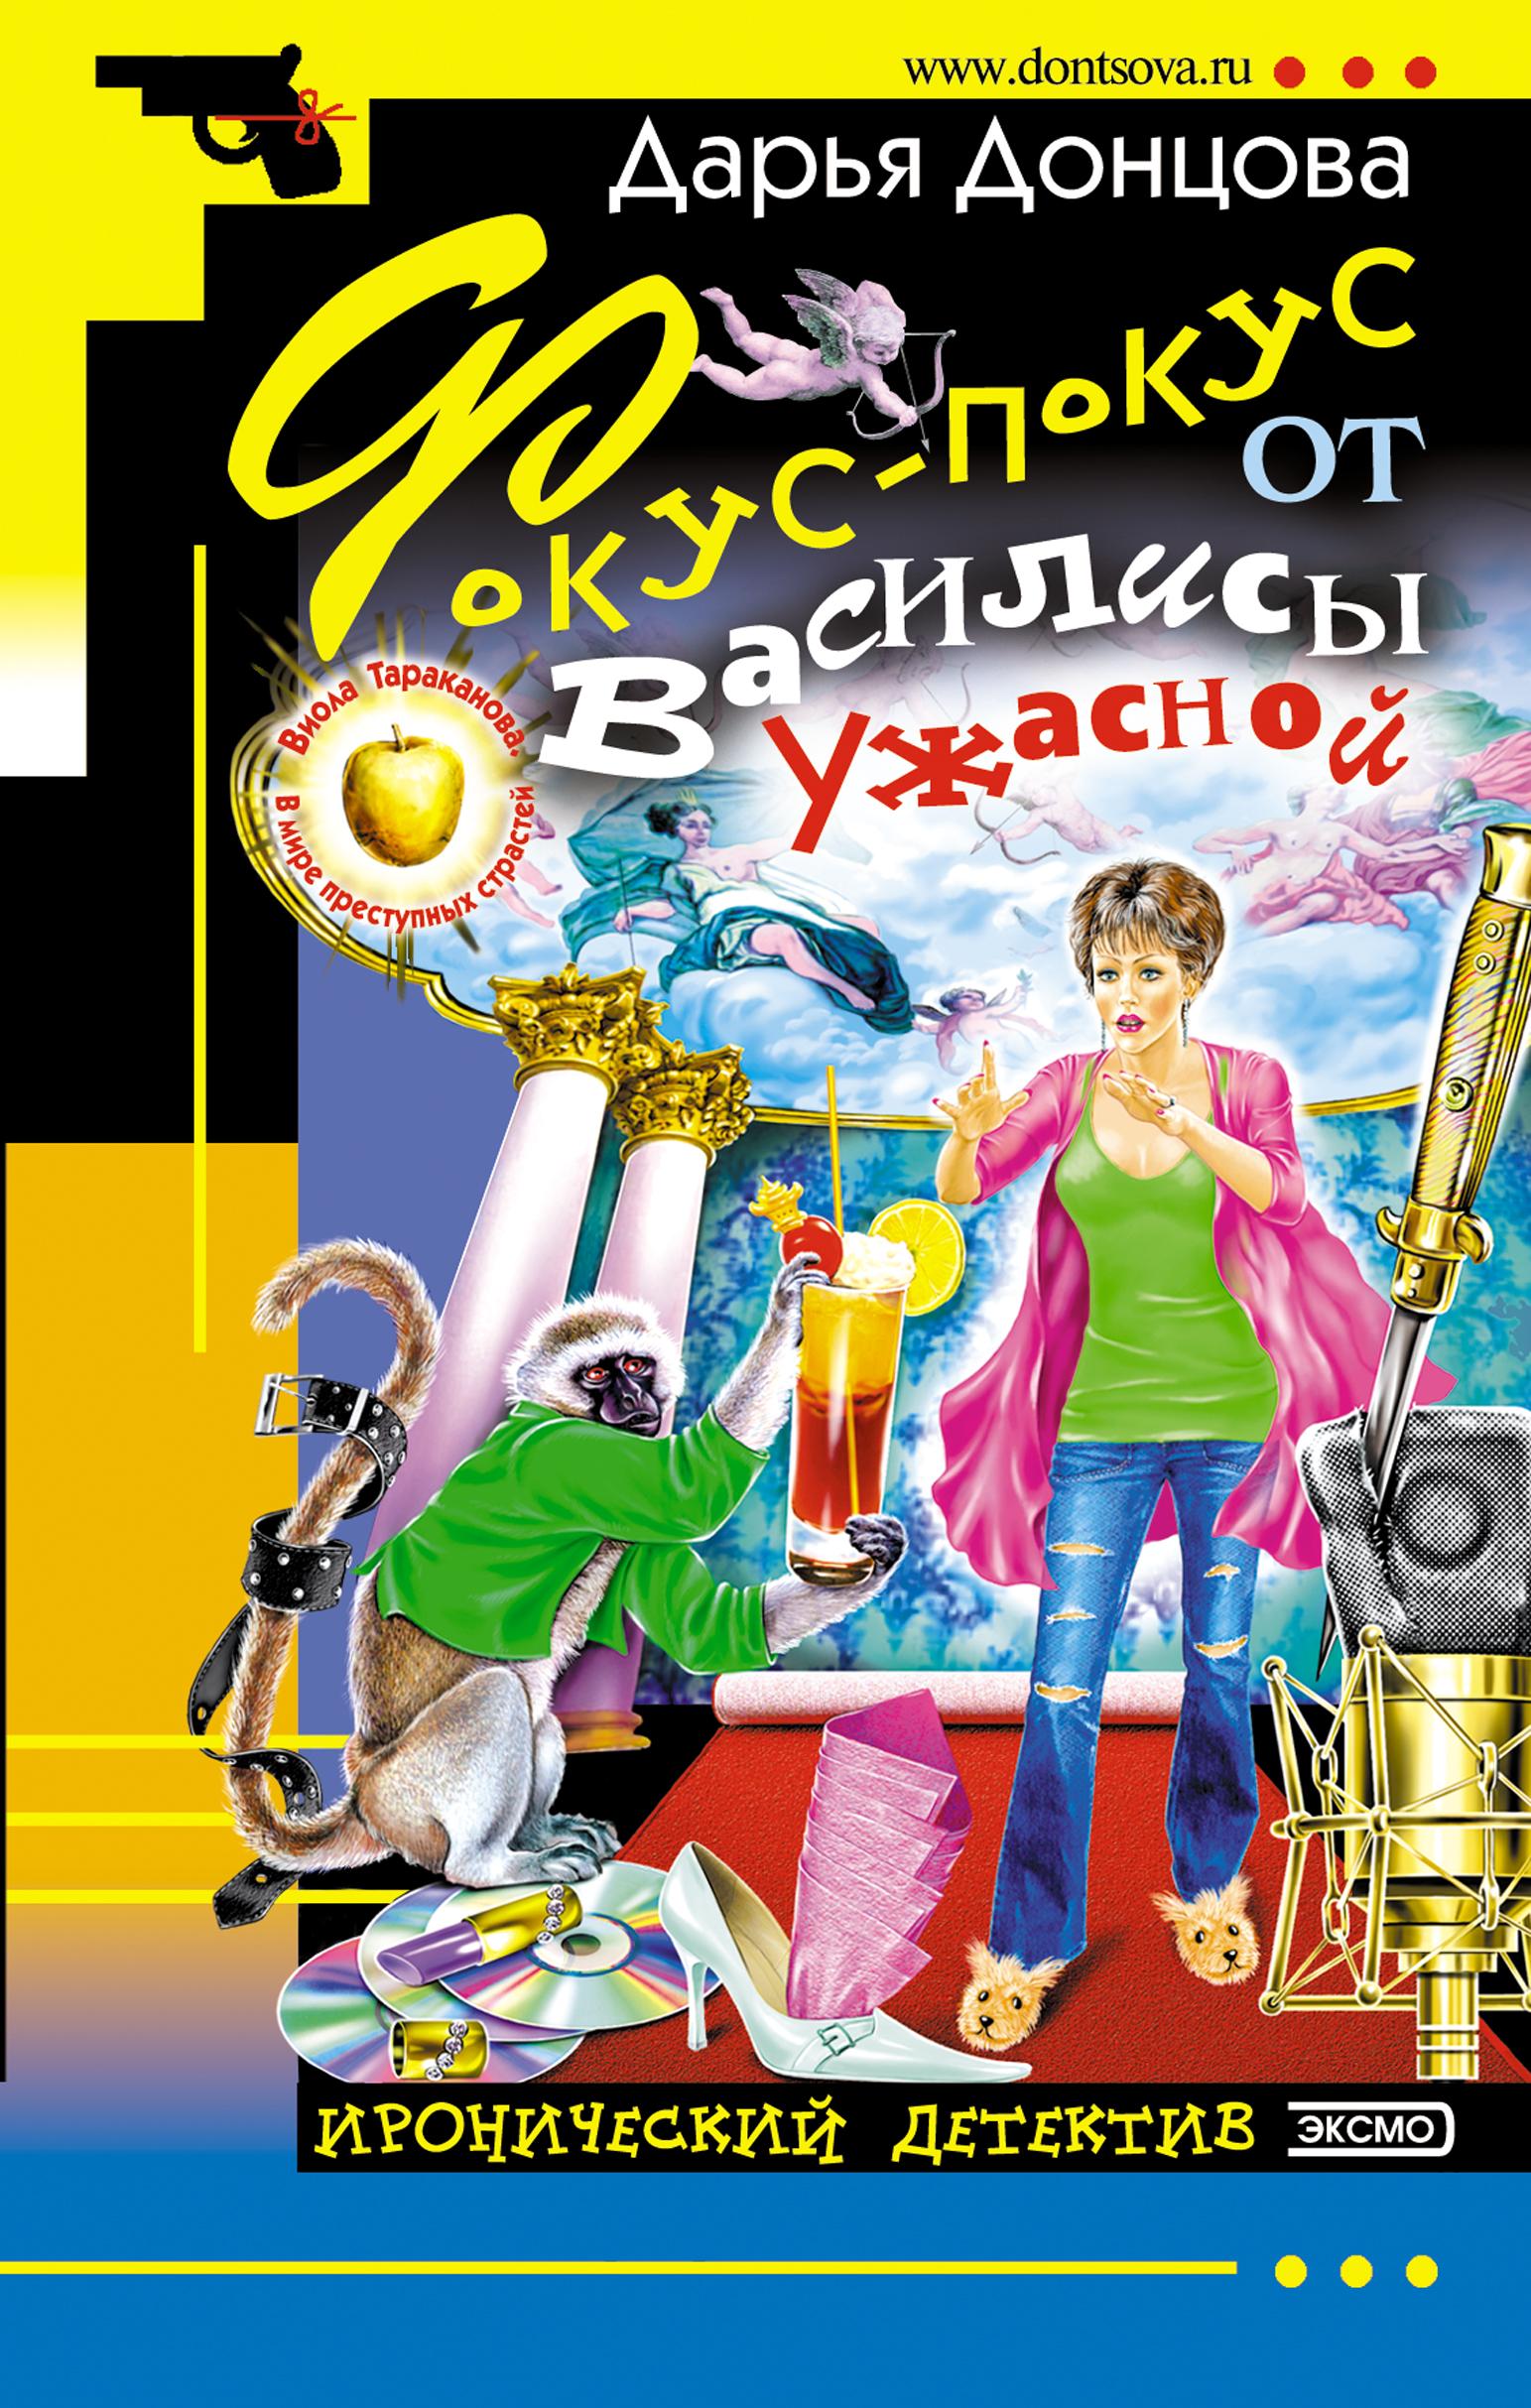 Фокус-покус от Василисы Ужасной ( Дарья Донцова  )